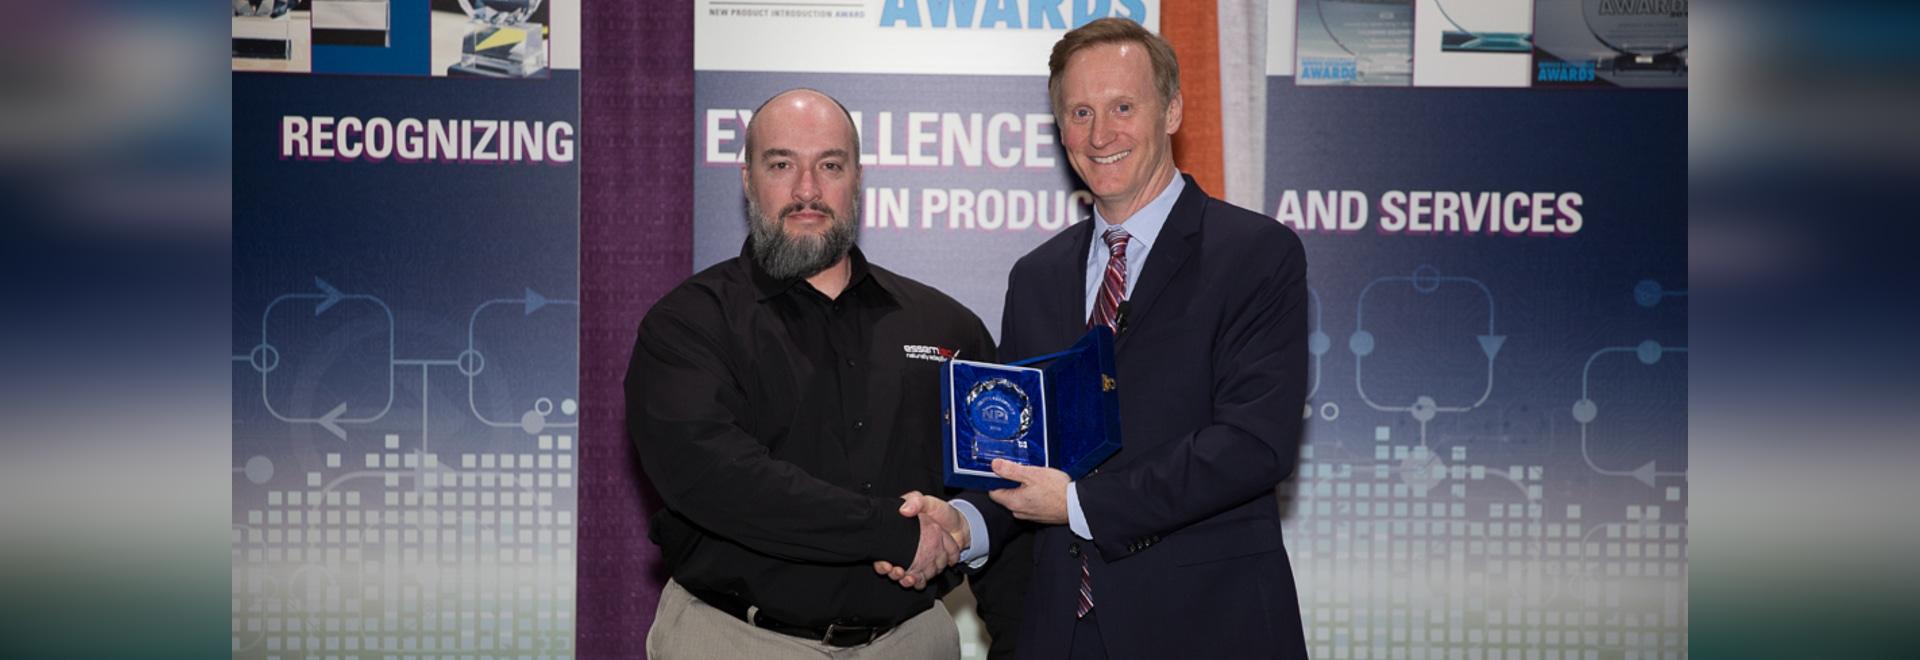 Essemtec gagne la récompense de NPI d'Assemblée de circuits dans la catégorie distribuant pour la tarentule tout le terrain Jet Dispenser